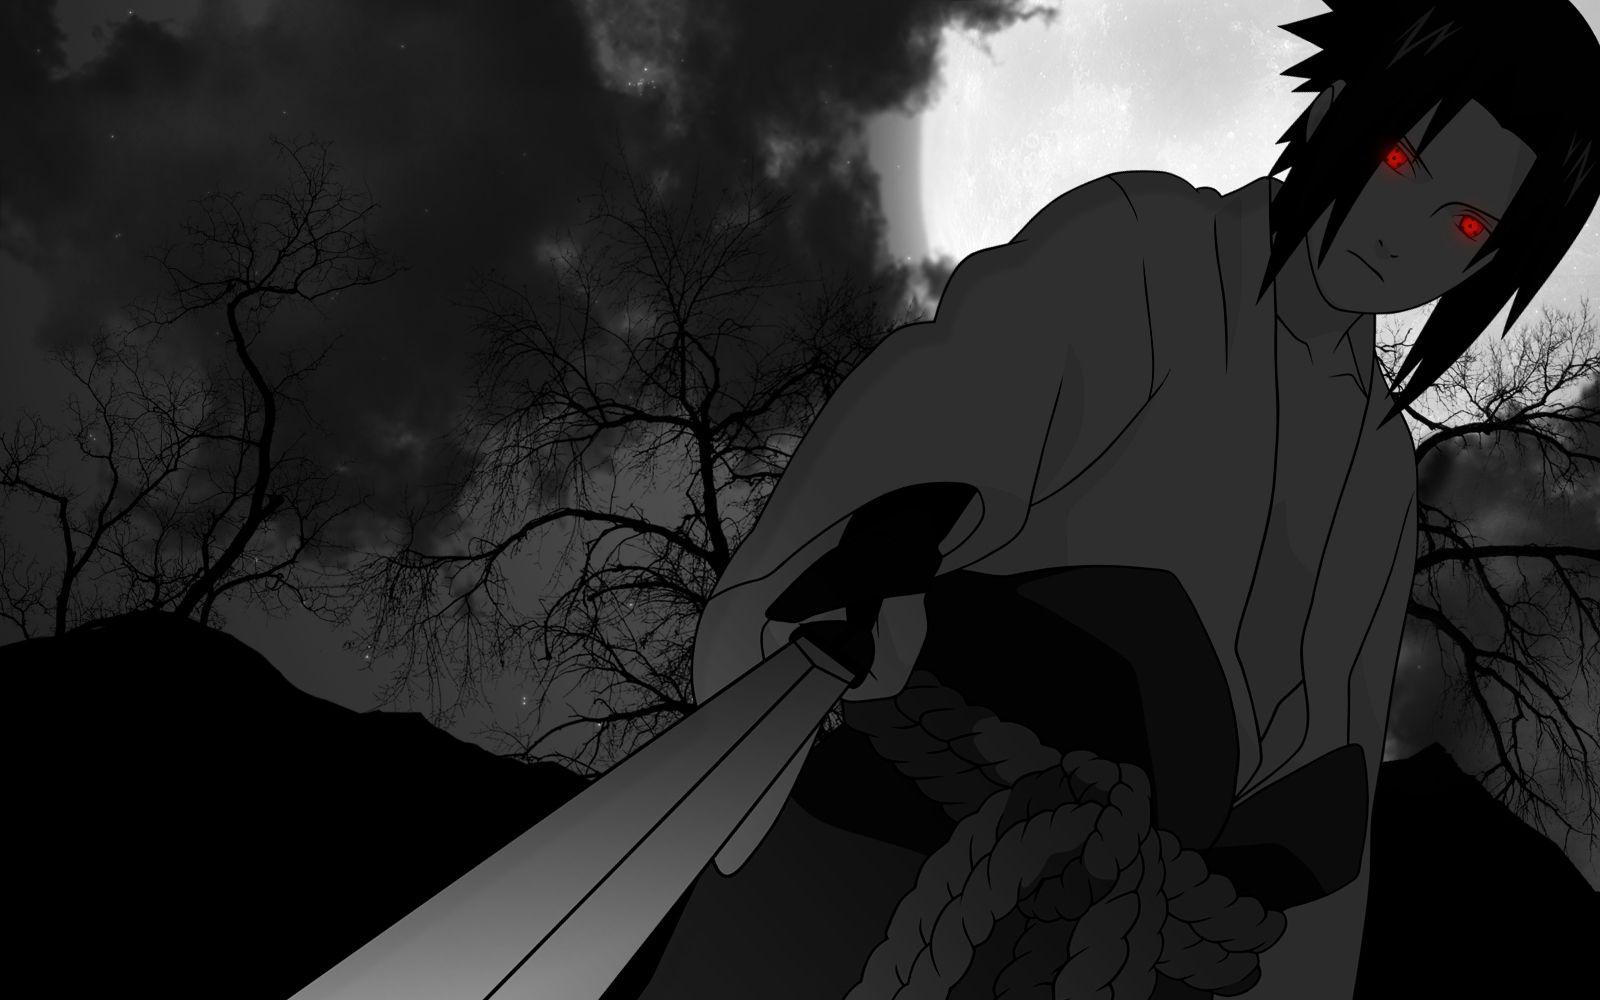 Uchiha Sasuke Chokuto Sword Full Hd Wallpaper Sasuke